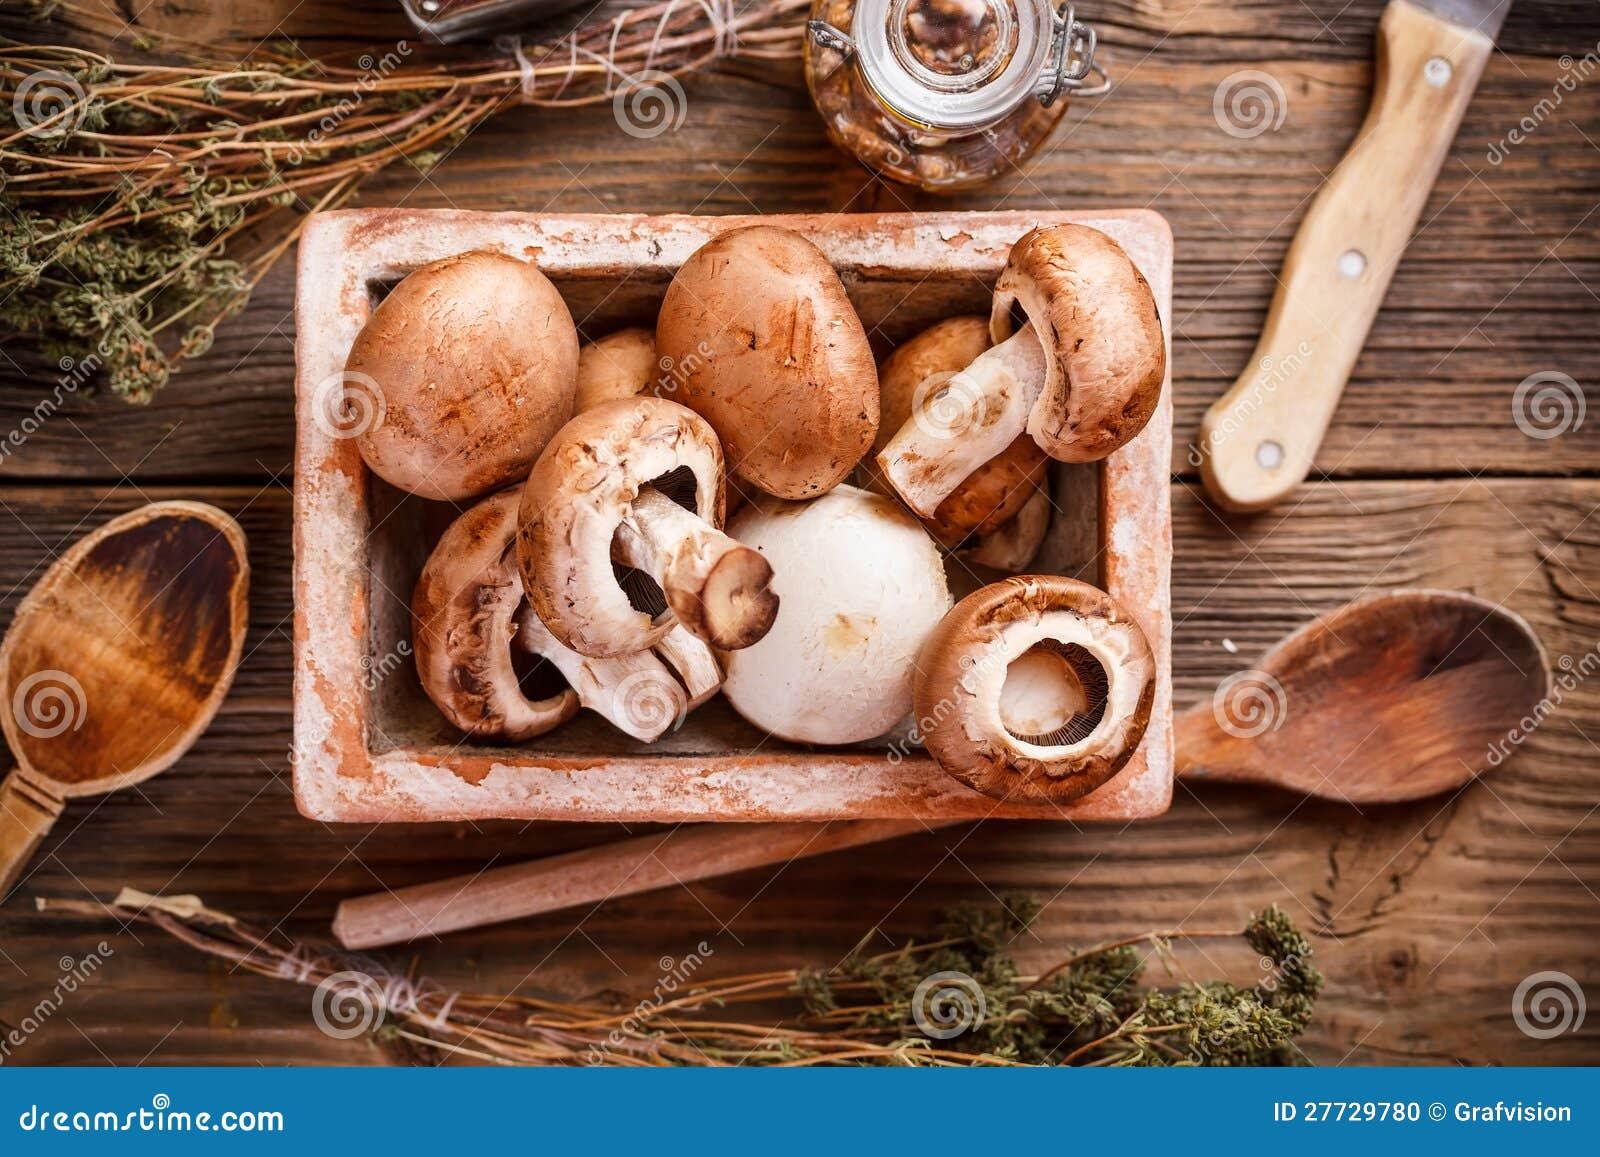 Frische braune Pilze